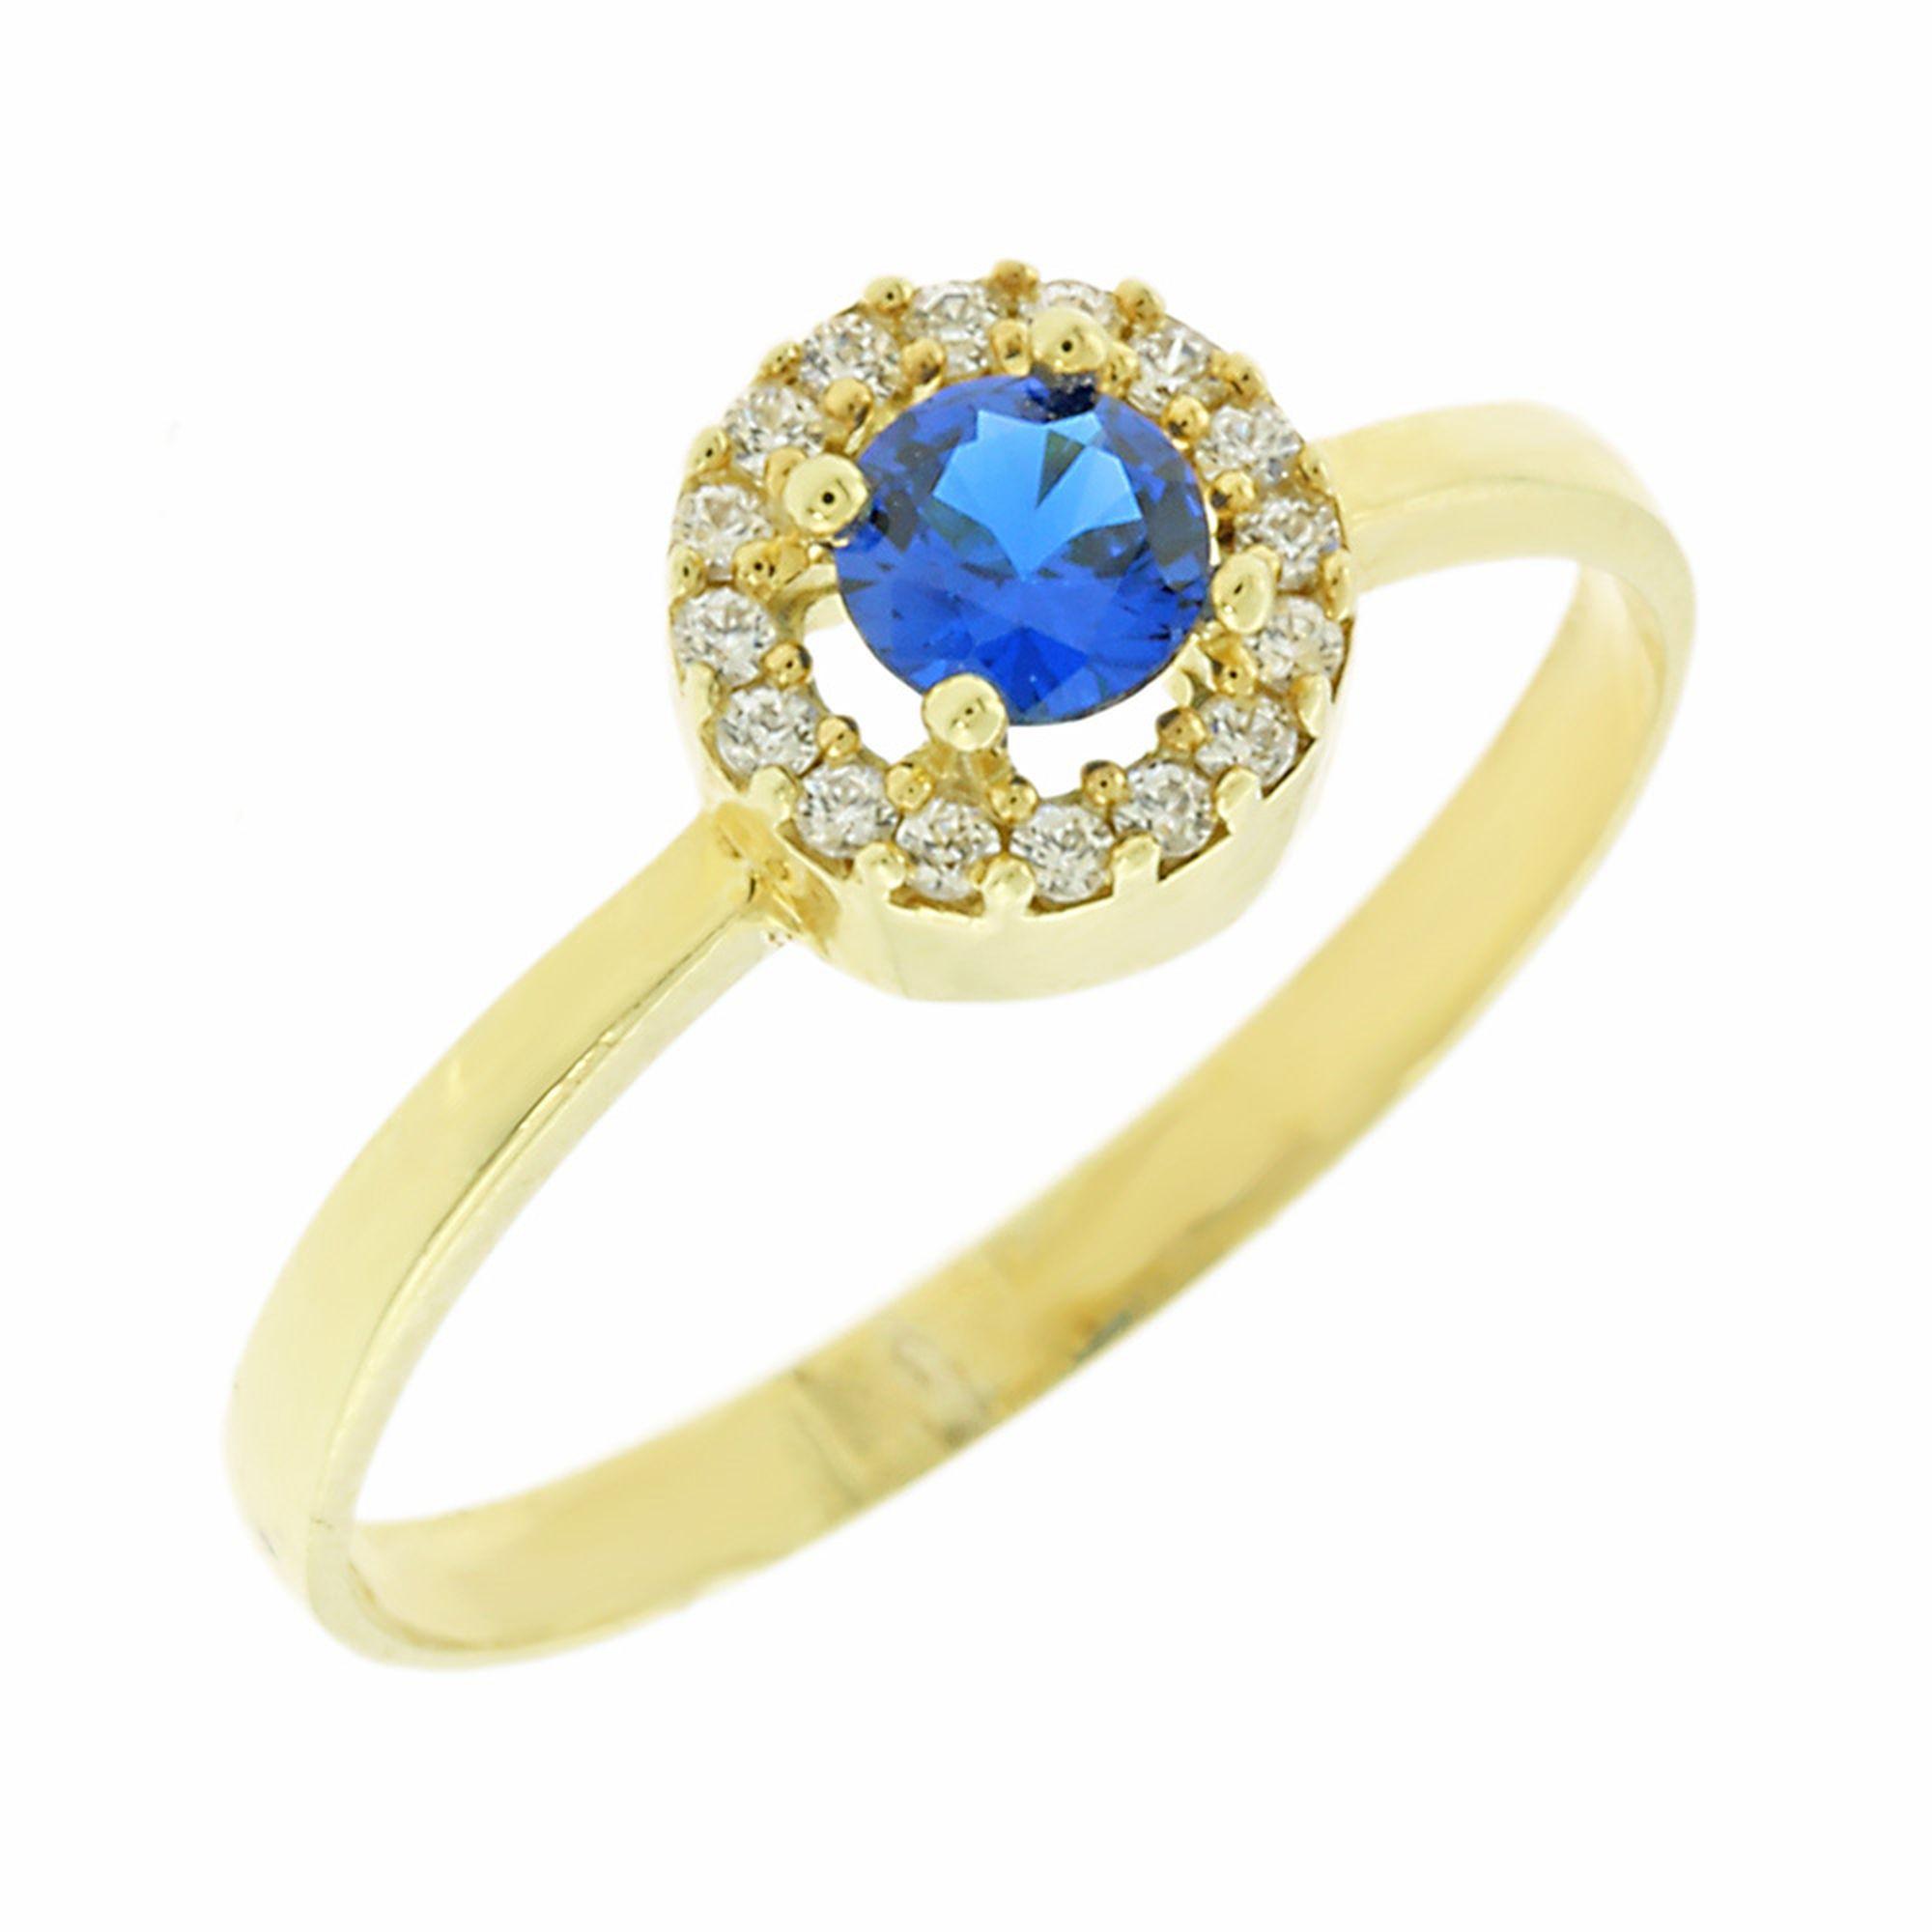 Δαχτυλίδι Ροζέτα με Μπλέ Πέτρα 9 Καρατίων